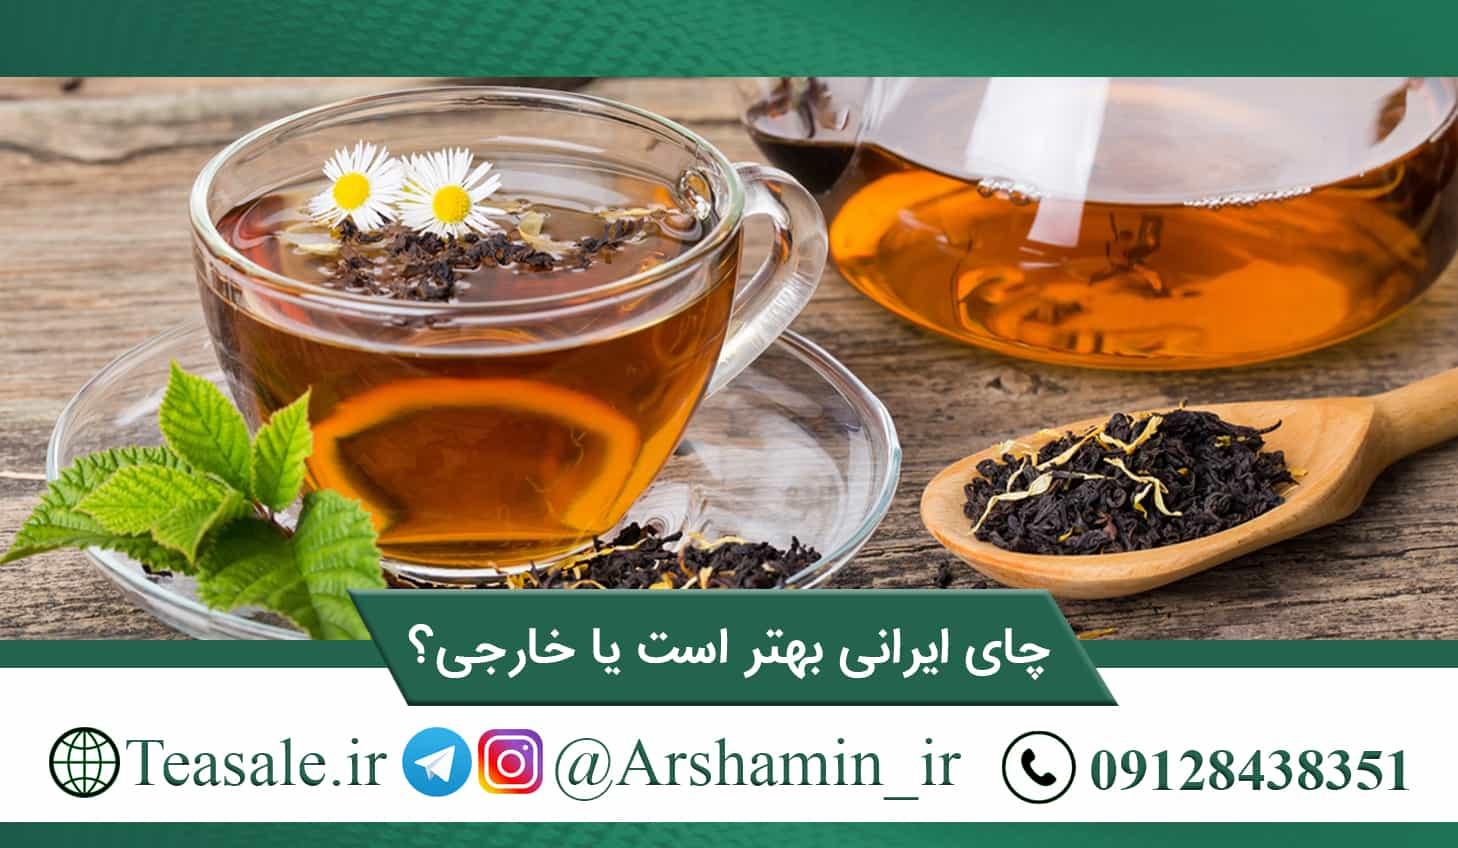 چای ایرانی بهتر است یا خارجی؟